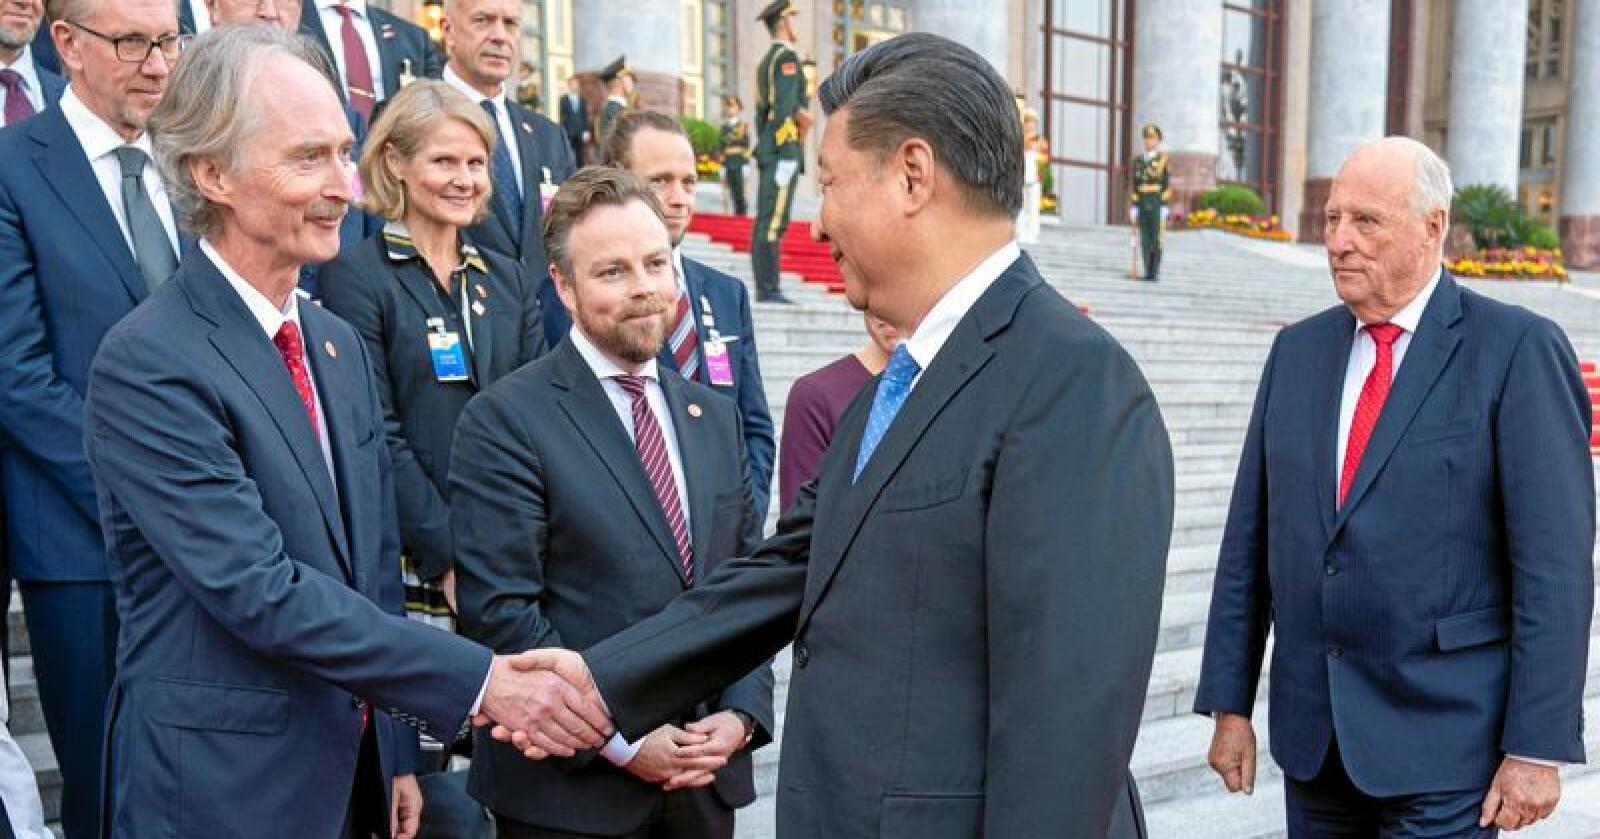 Mektig mann: Kinas president Xi Jinping hilser på Norges ambassadør til Kina, Geir O. Pedersen, utenfor Folkets store hall i Beijing under kongefamiliens besøk i Kina. Foto: Heiko Junge / NTB scanpix